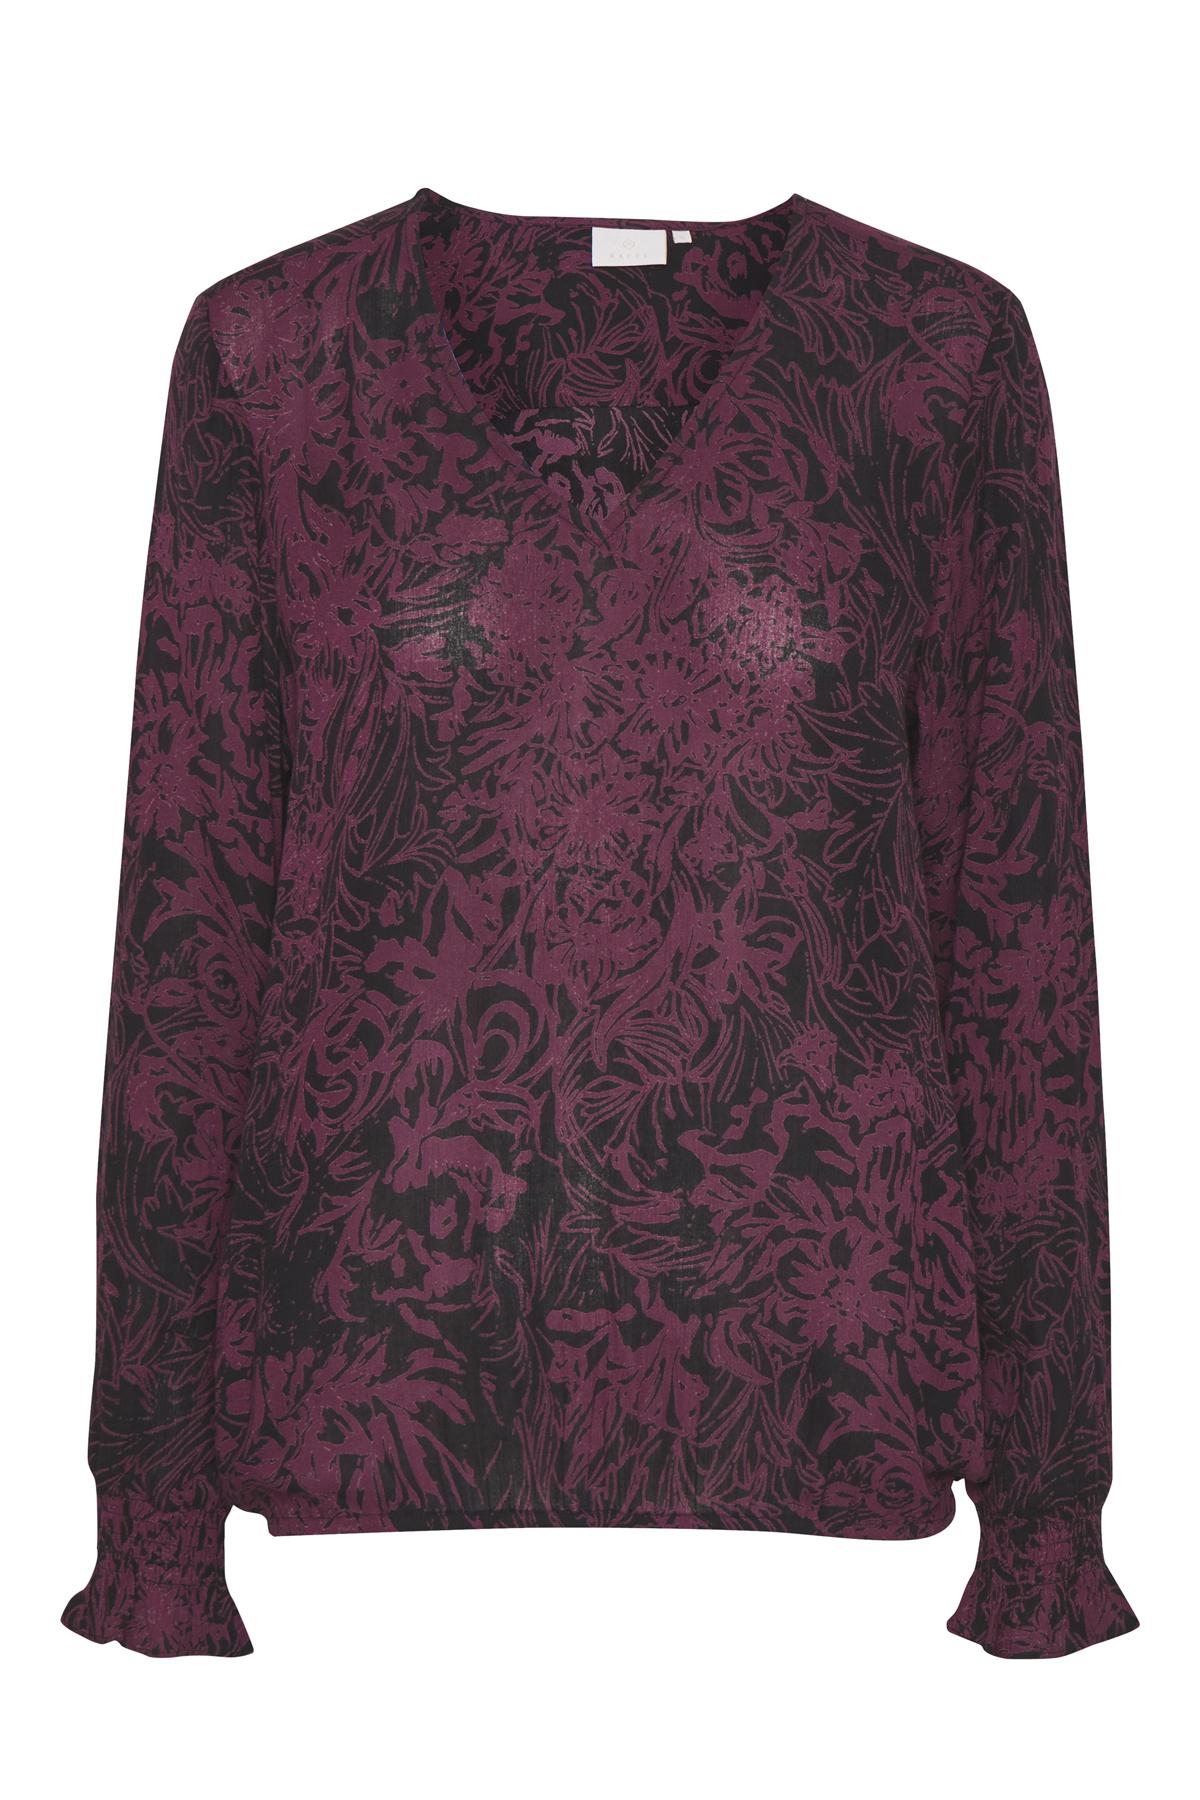 Dunkellila/schwarz Langarm-Bluse von Kaffe – Shoppen SieDunkellila/schwarz Langarm-Bluse ab Gr. 34-46 hier